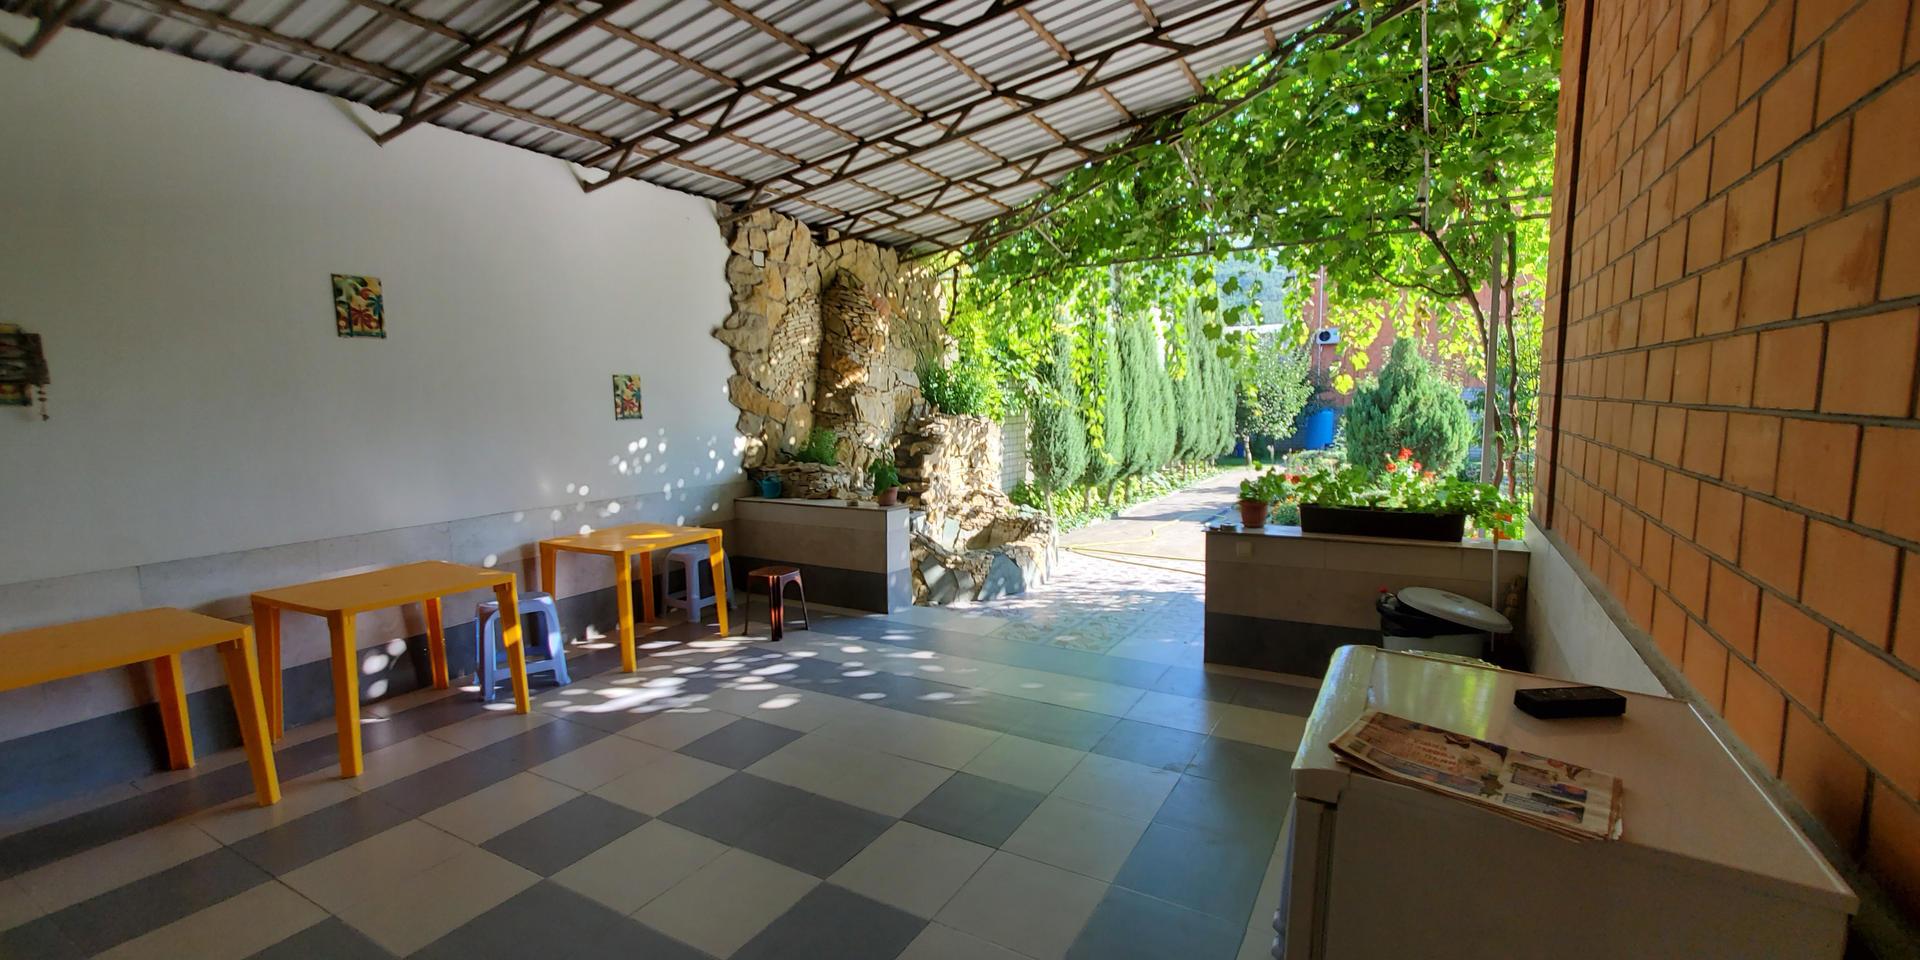 kitchen & dining area - 20200731_165422.